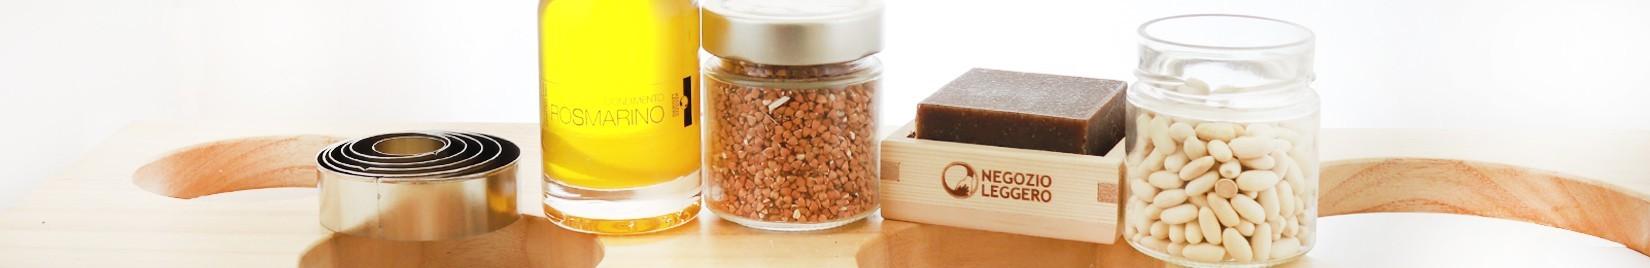 I prodotti del Negozio Leggero per disimballare la cucina